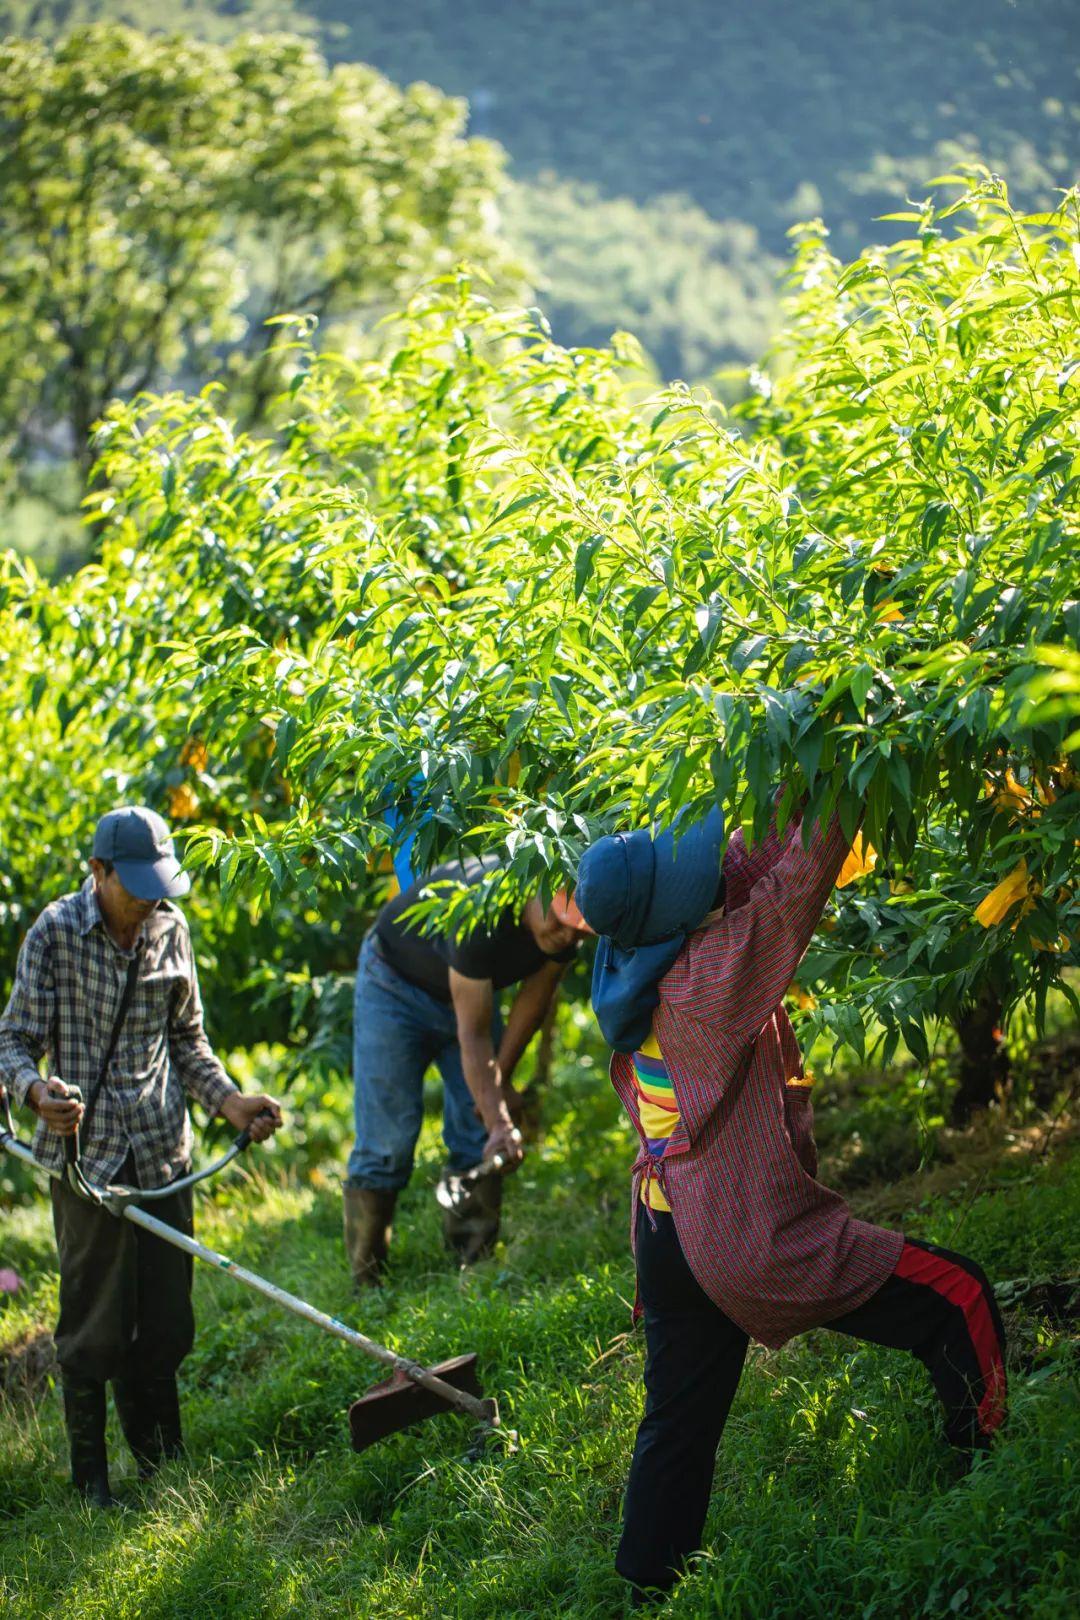 ▲ 桃山上,奉化人正在果园中劳作。 摄影/朱梦菲